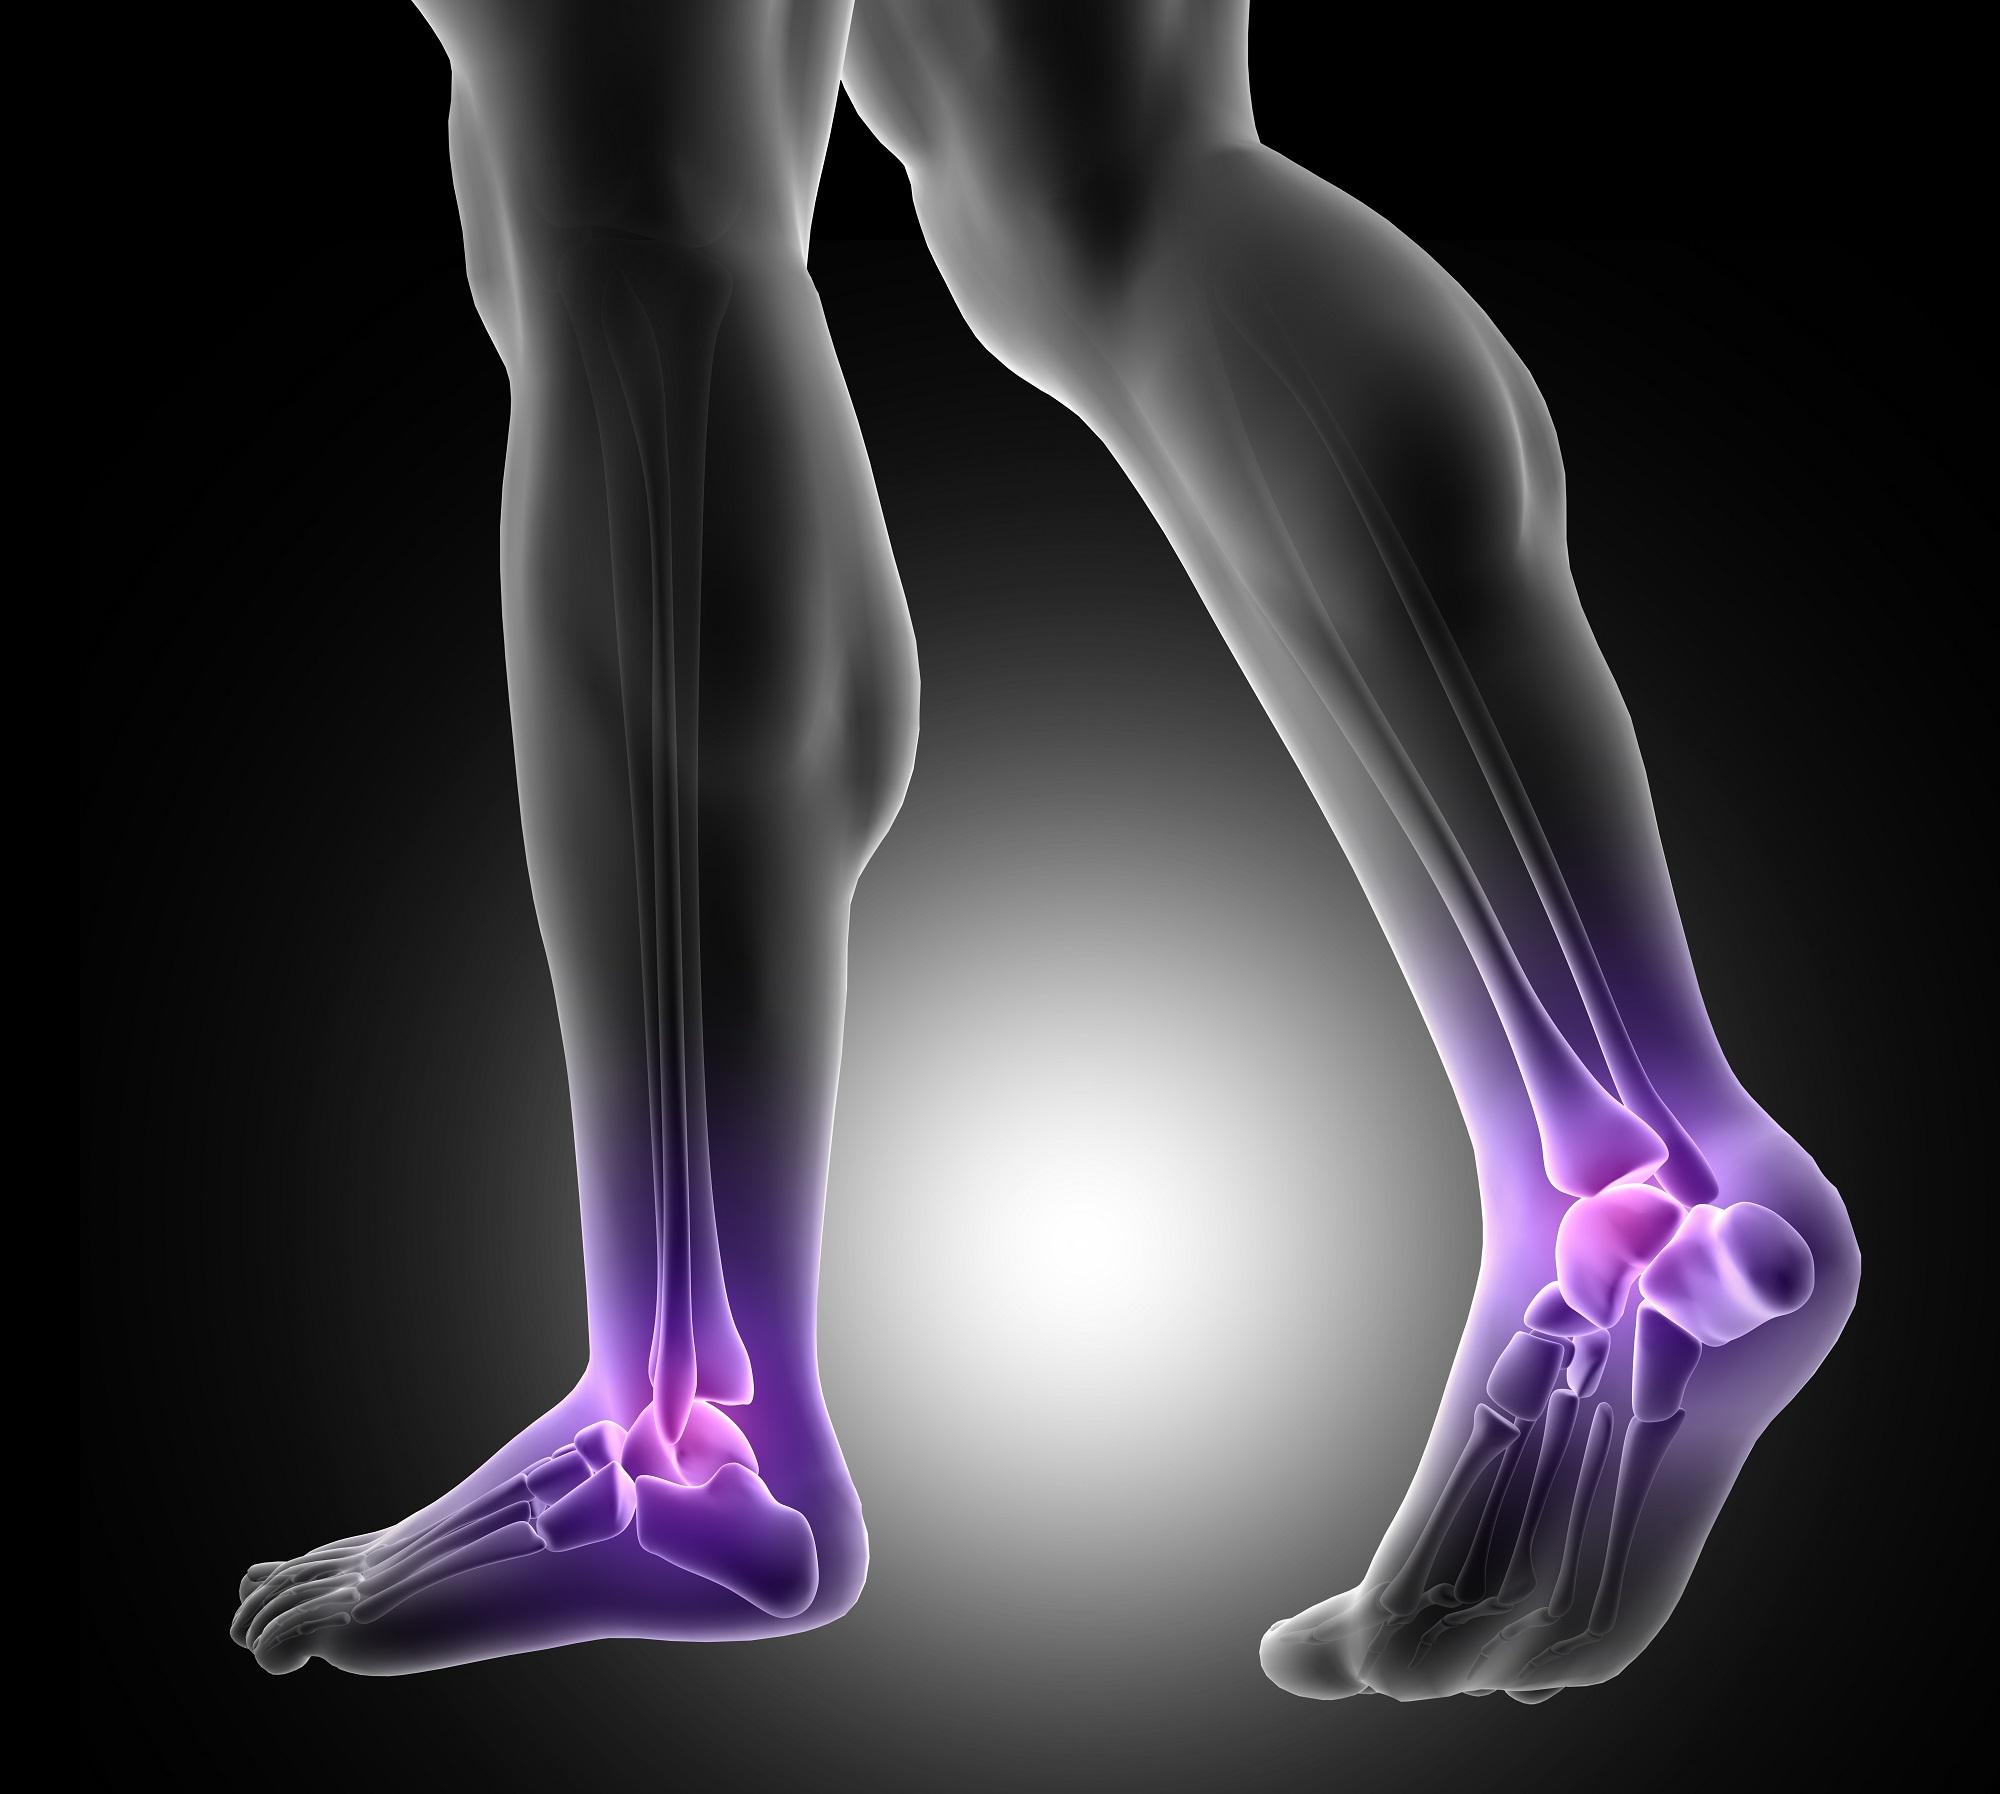 Receptek kenőcsök a fájdalom a lábak ízületeiben, Az arthrózis előfordulása